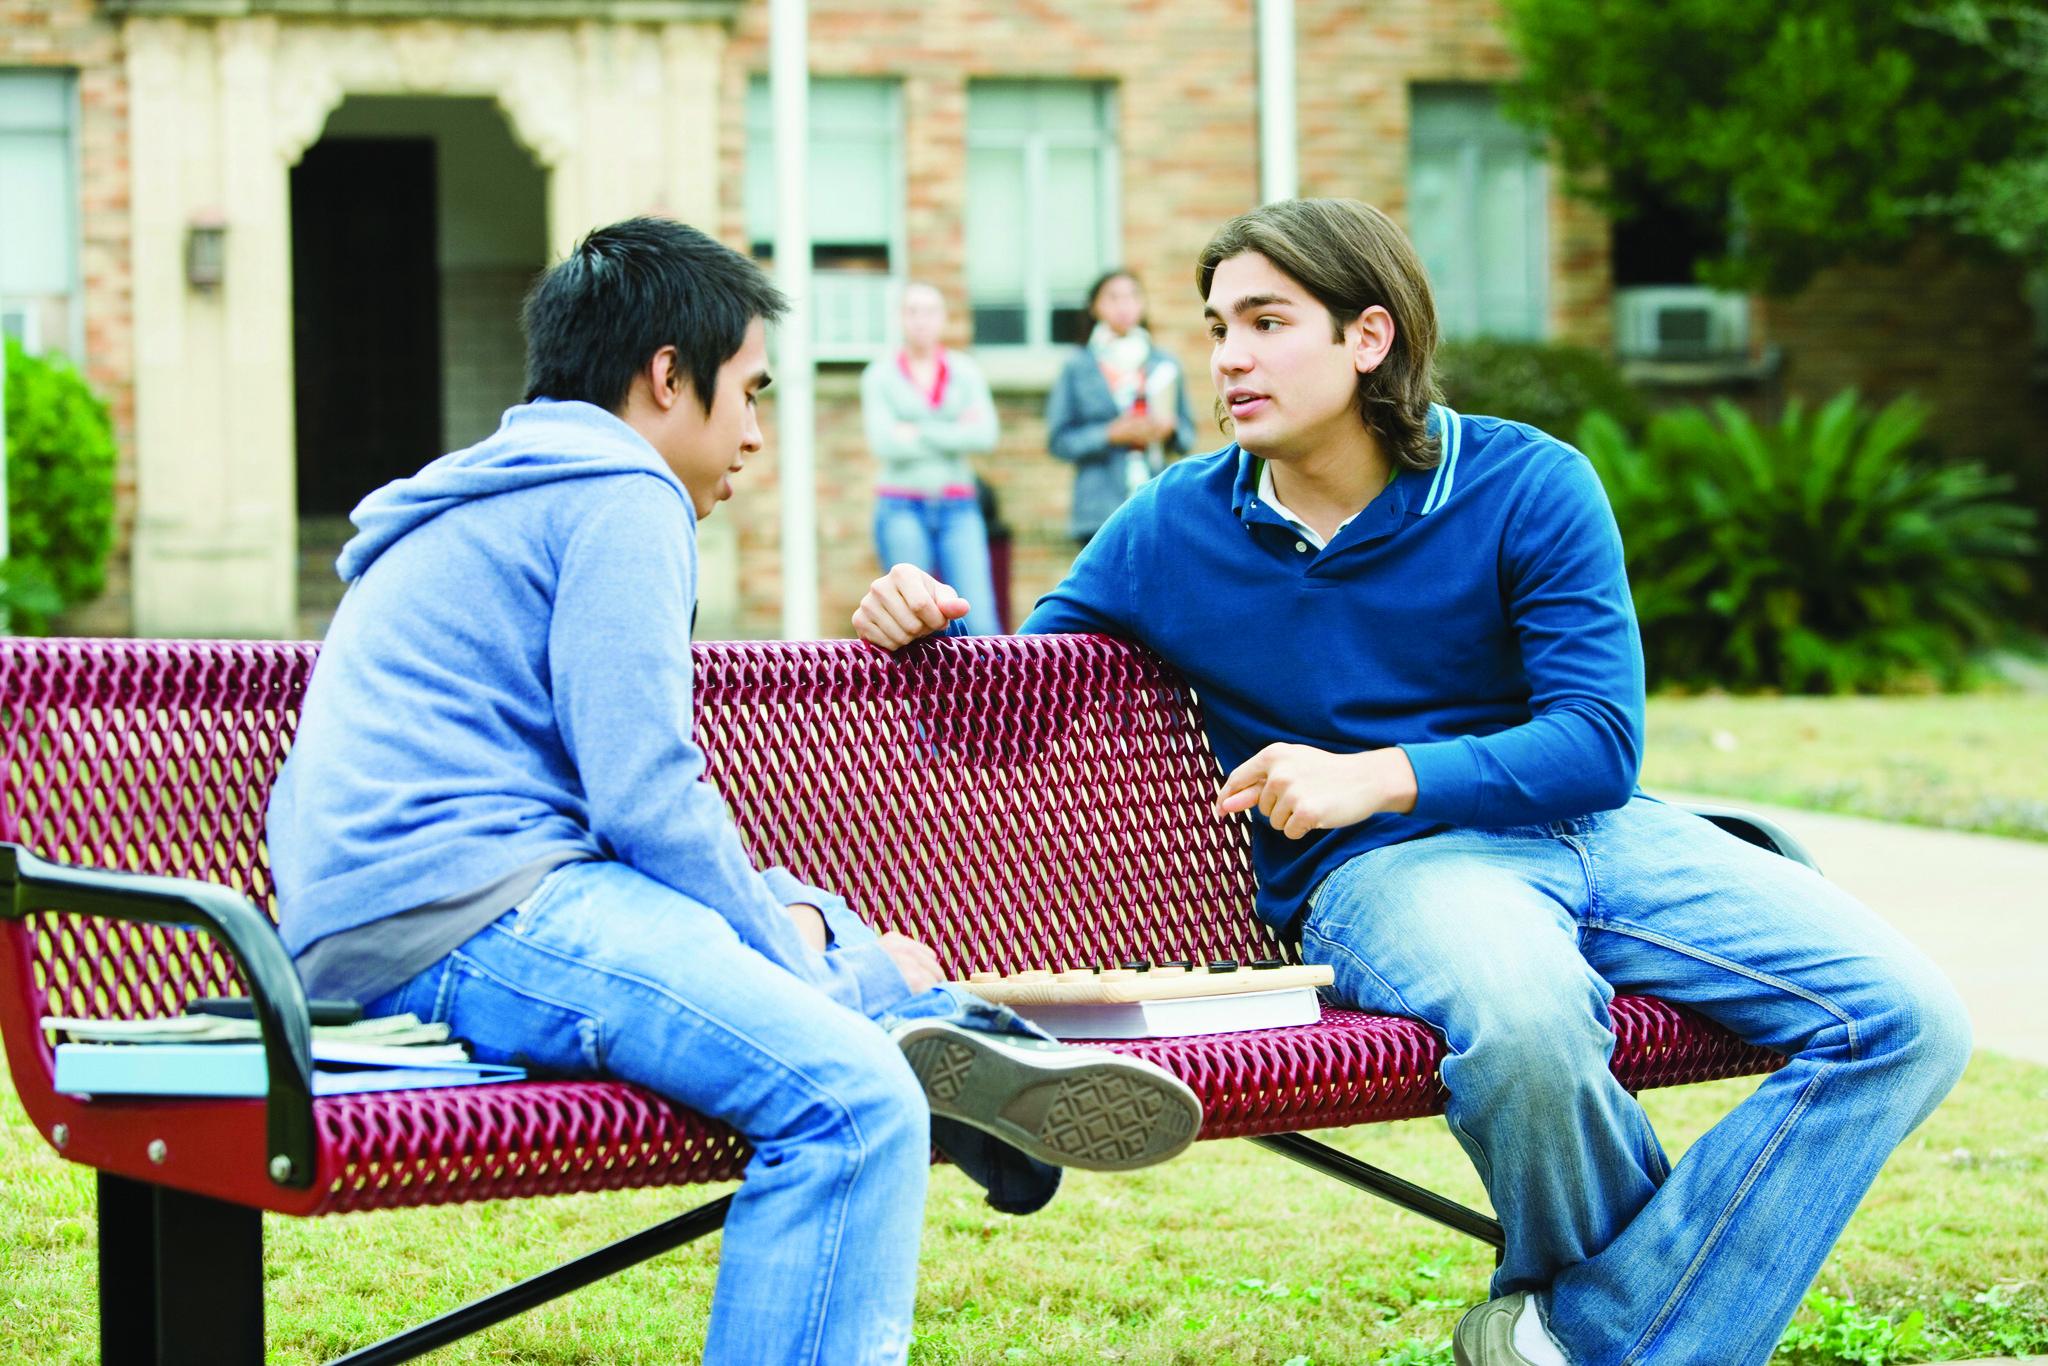 Conversaciones cotidianas: Pasatiempos y aficiones ...